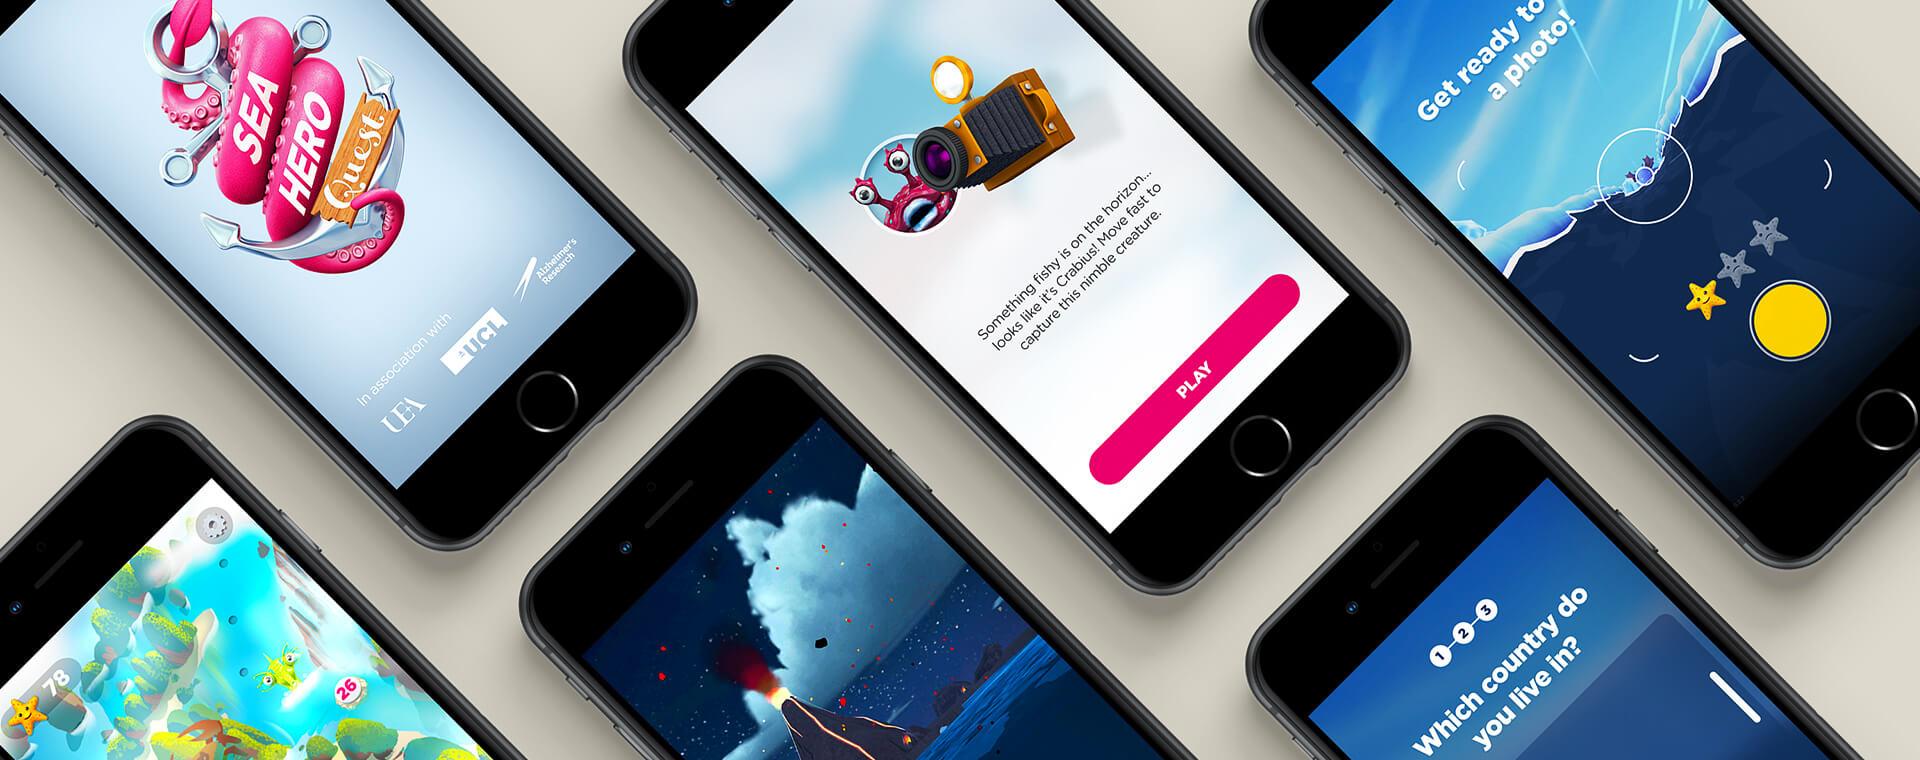 app-header.jpg